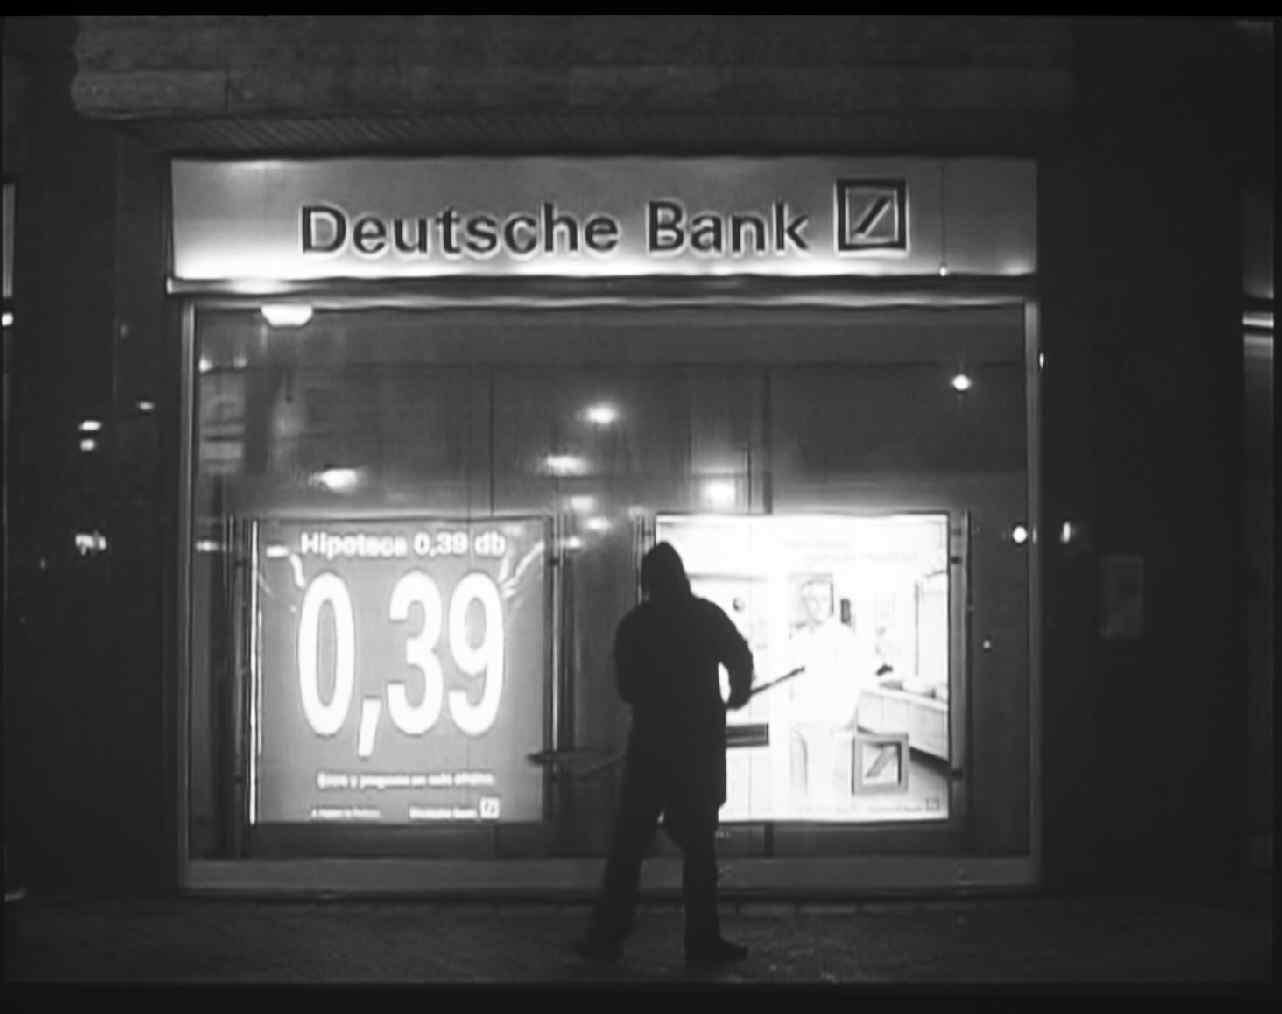 Aportación de trabajo gratuito al Grupo Deutsche Bank. Los cristales de una sucursal de Deutsche Bank fueron limpiados sin recibir a cambio remuneración alguna